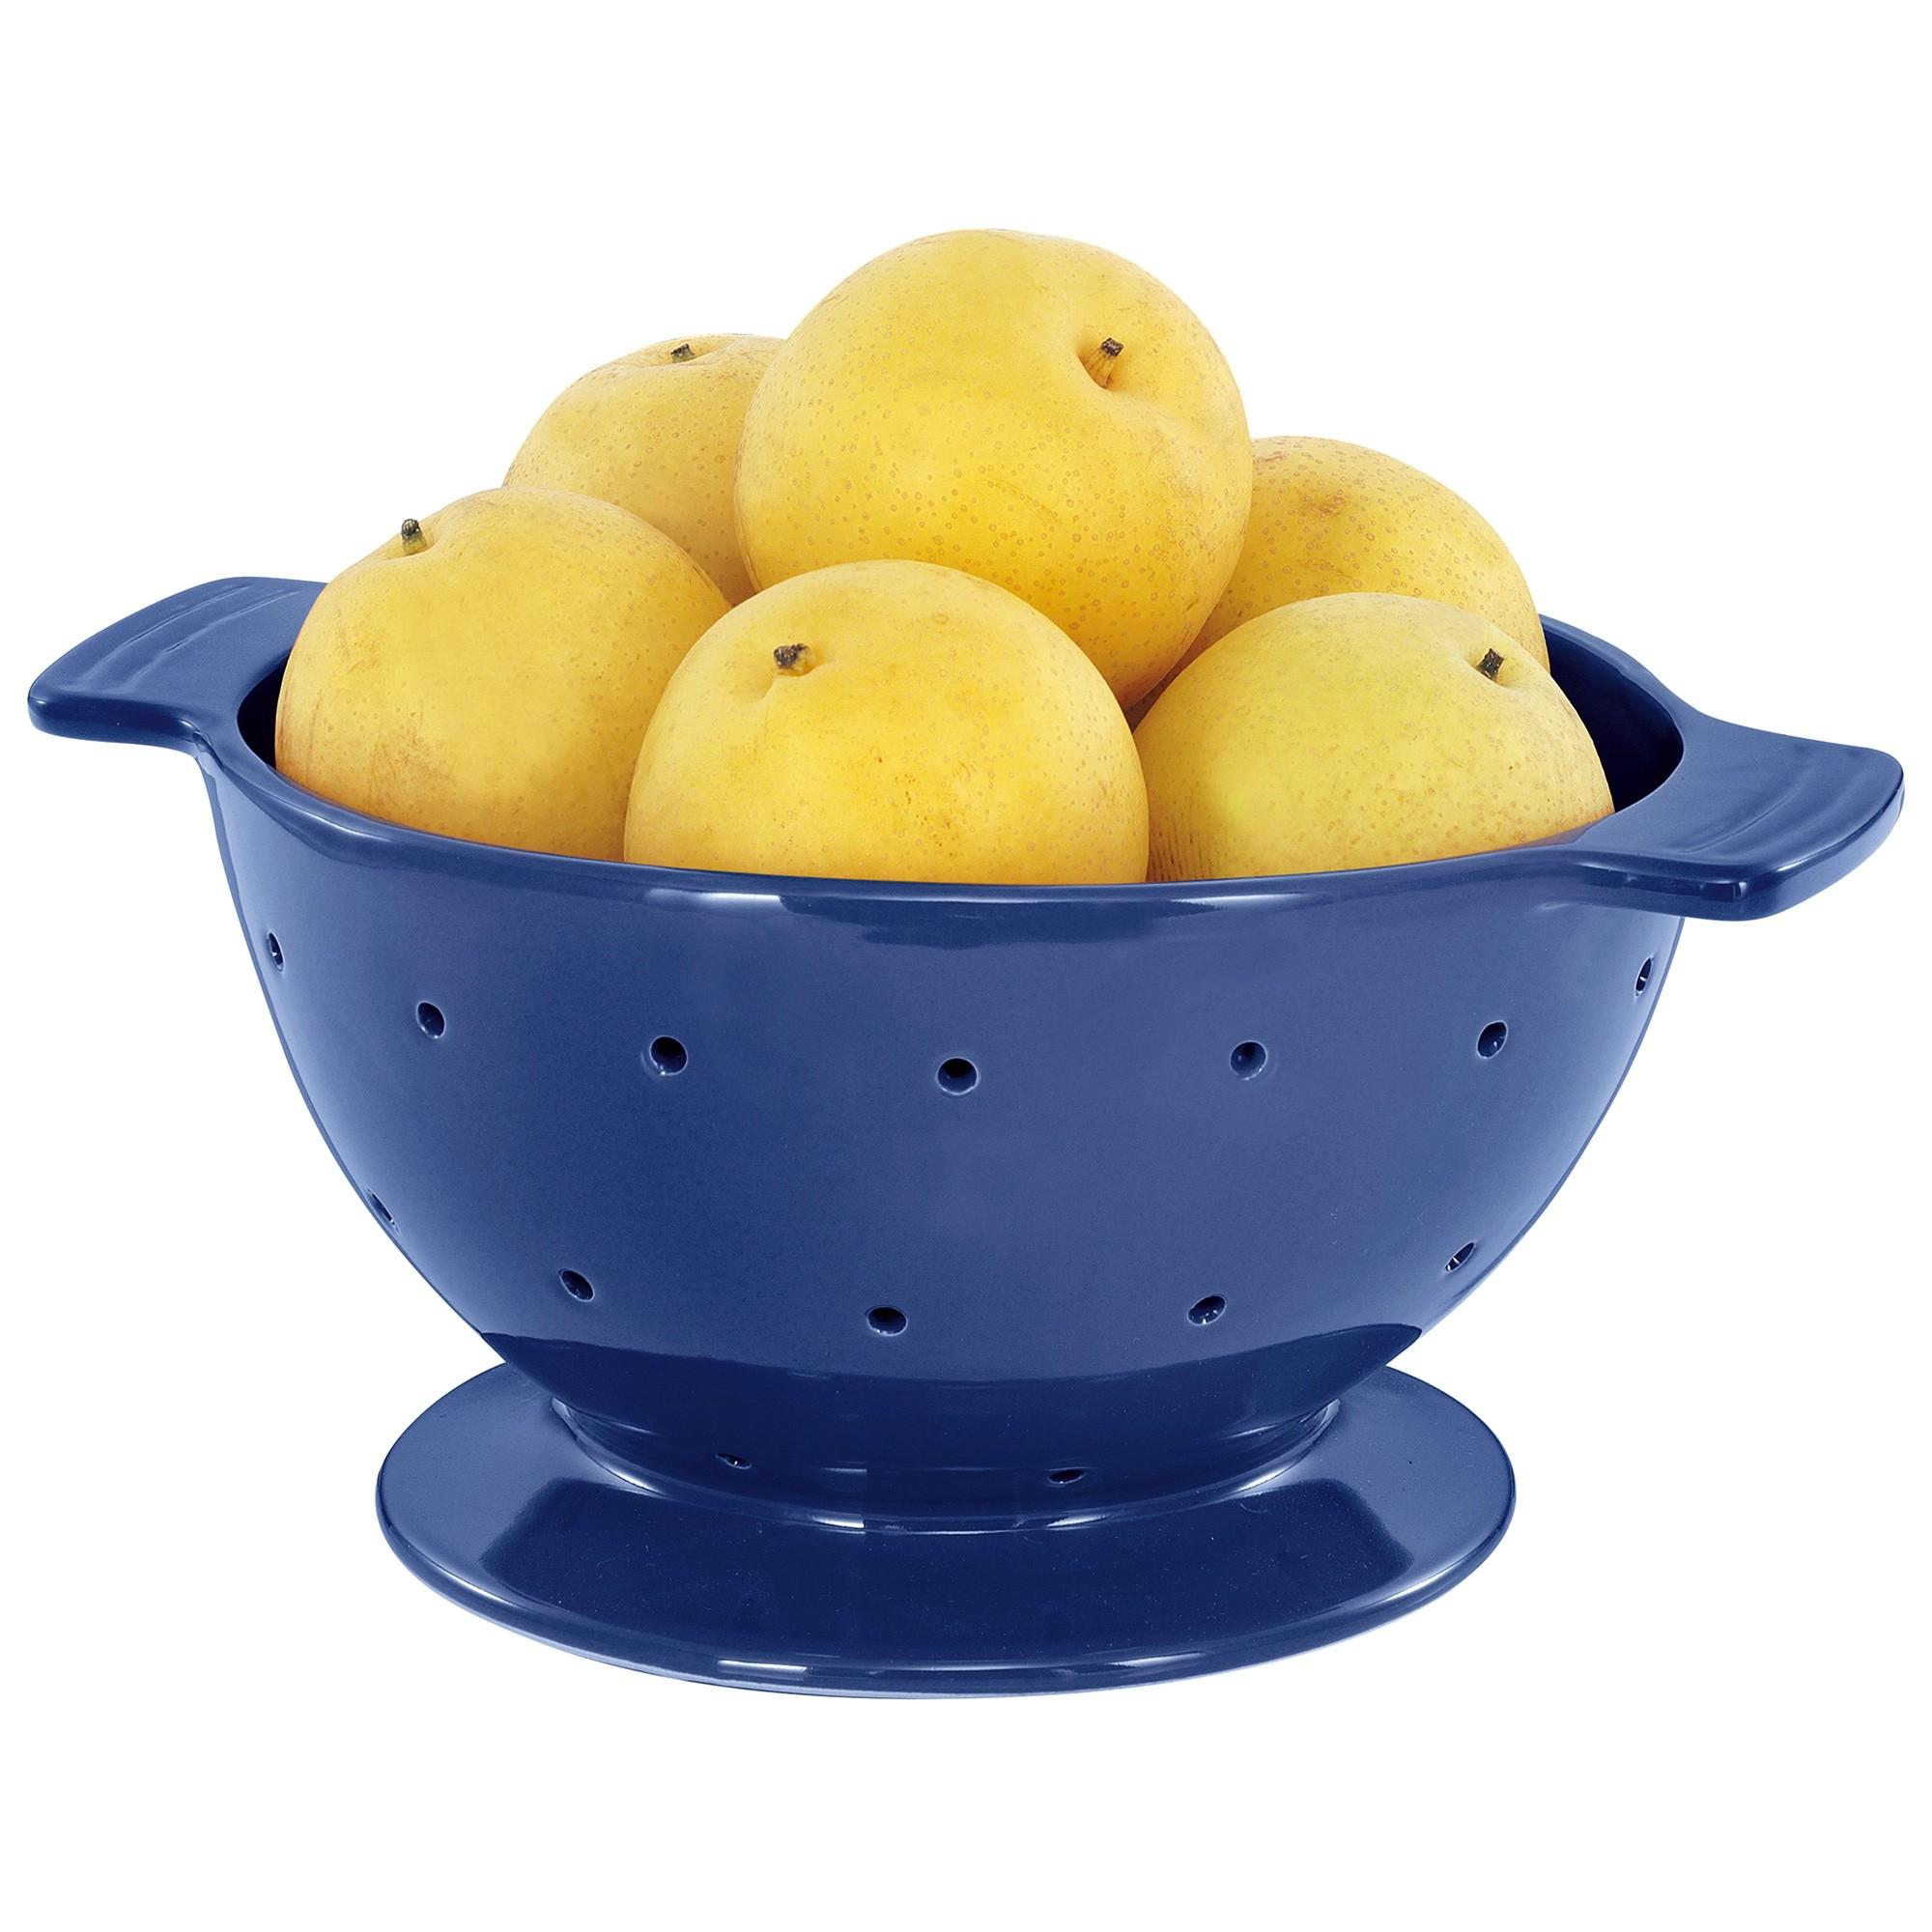 Chasseur La Cuisson Colander / Fruit Bowl - Blue